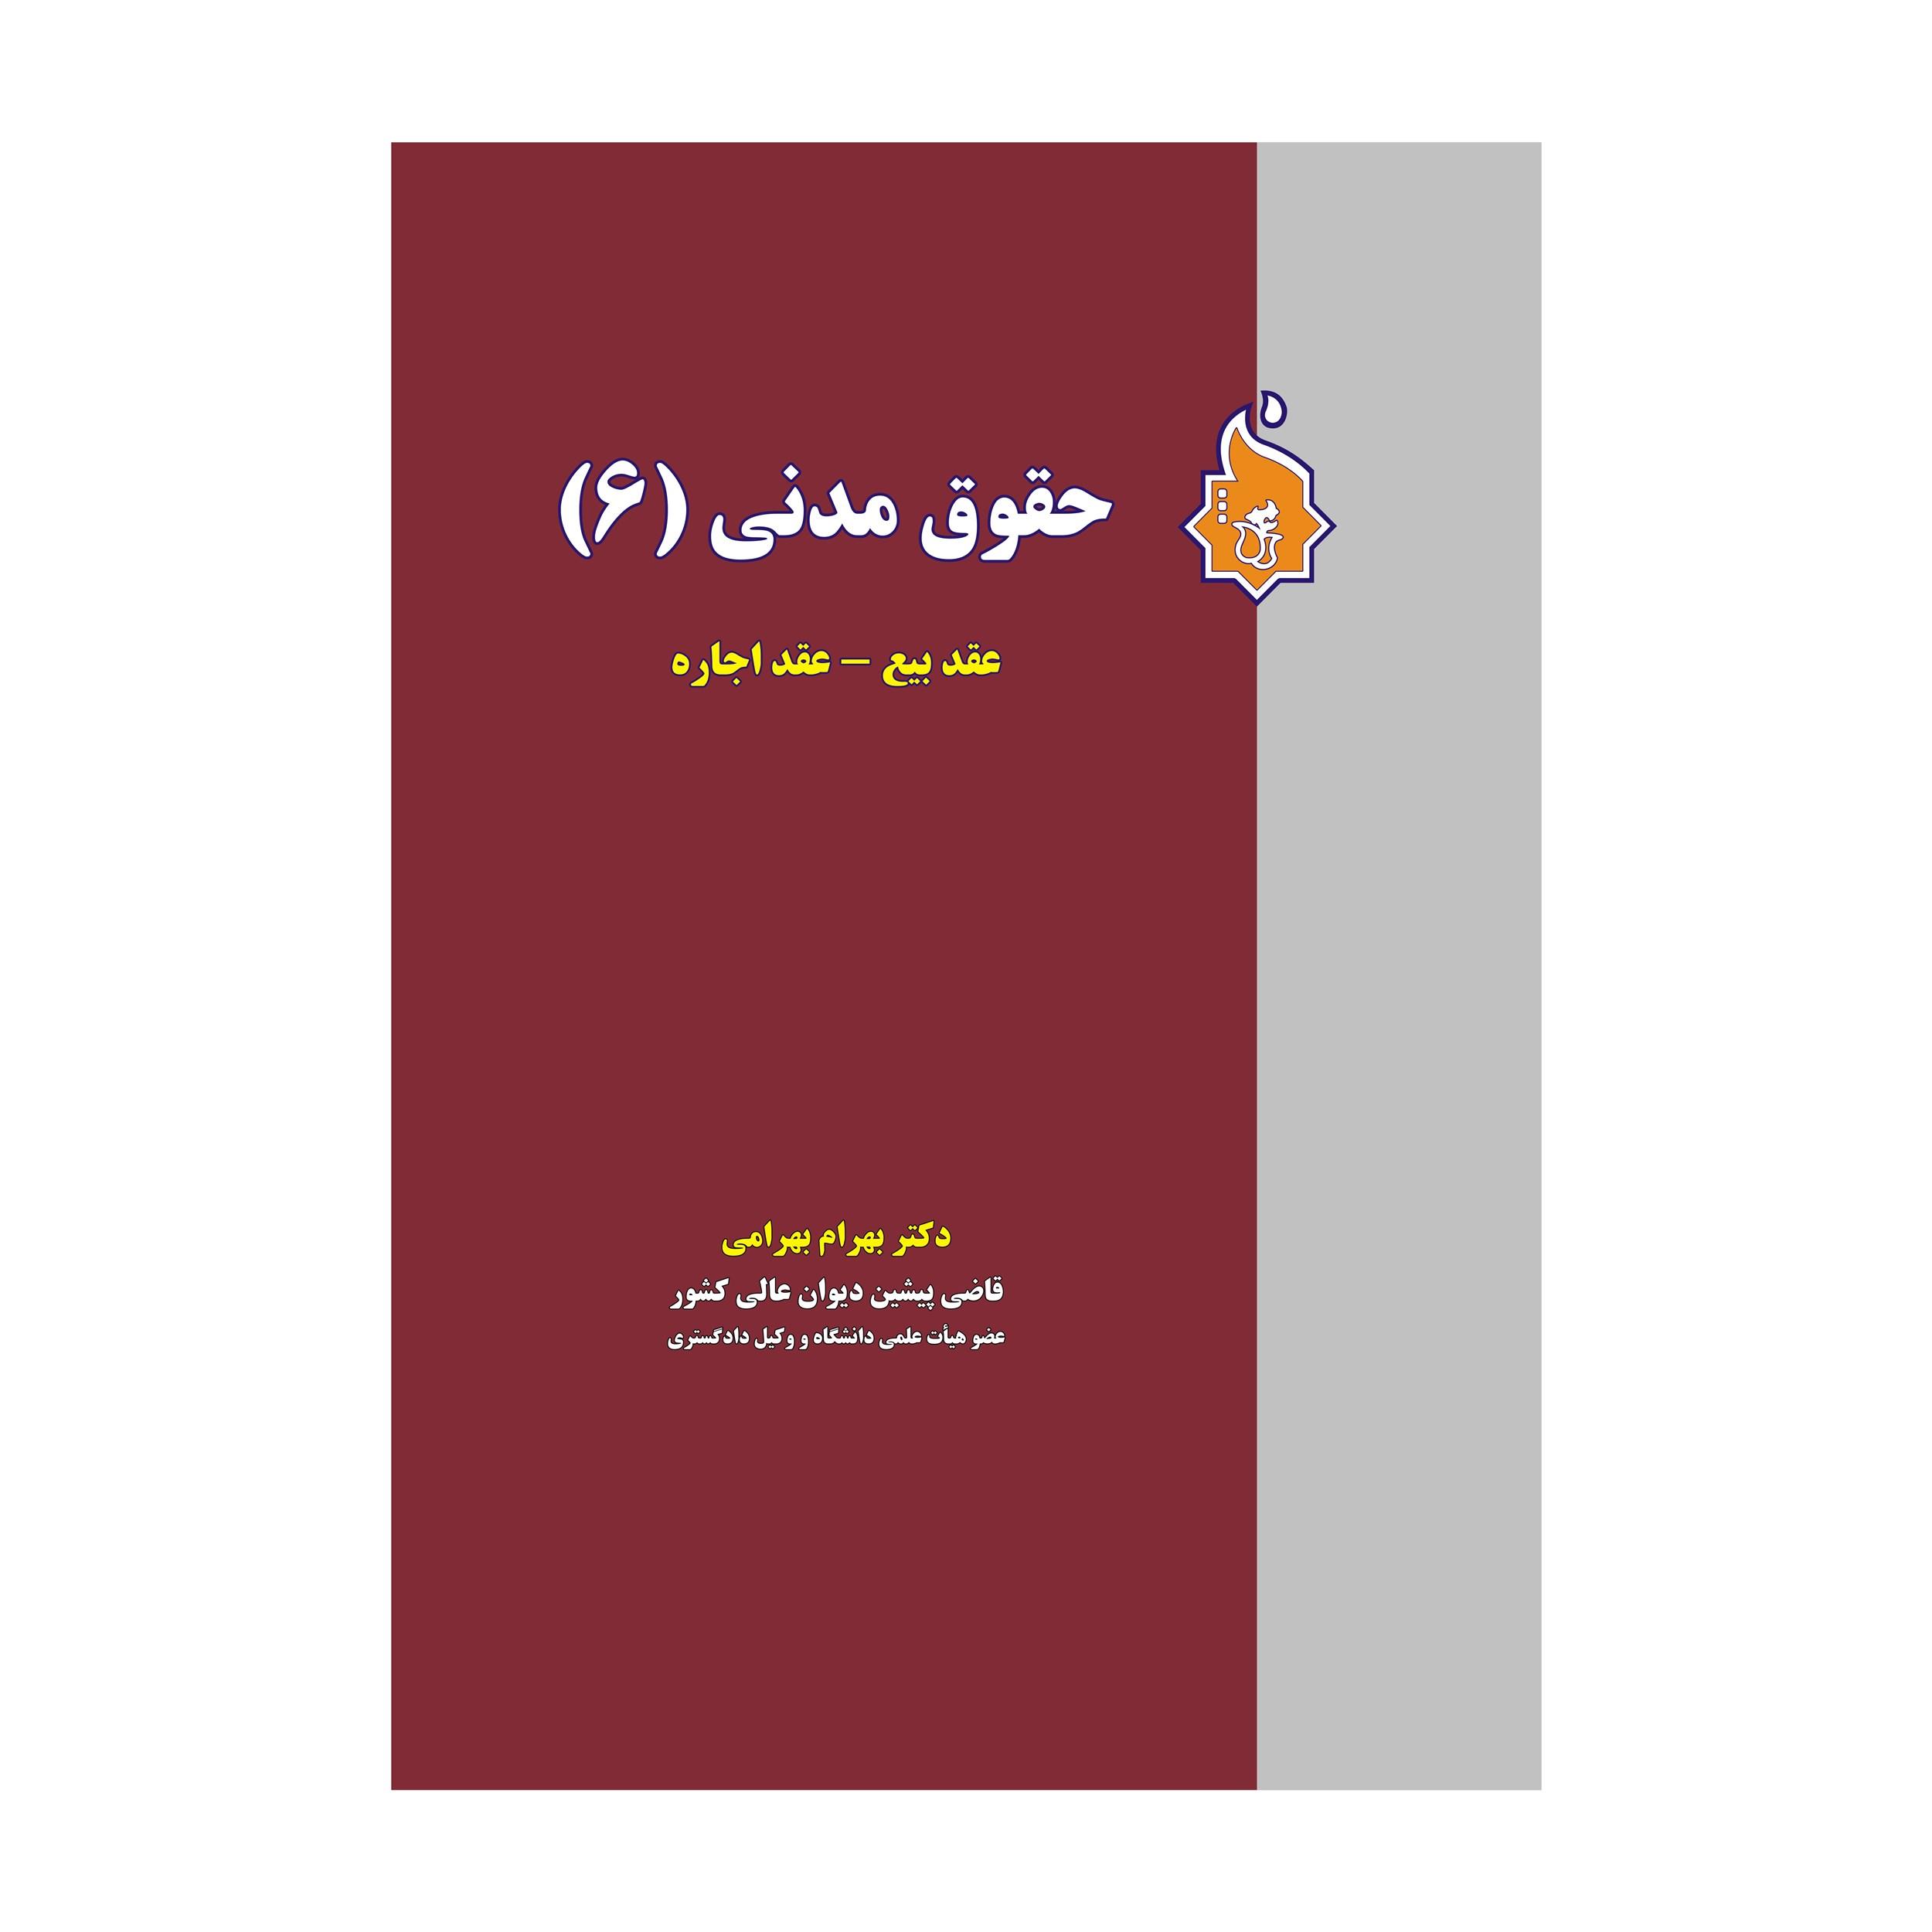 خرید                      کتاب حقوق مدنی 6 عقد بیع - عقد اجاره اثر دکتر بهرام بهرامی انتشارات نگاه بینه